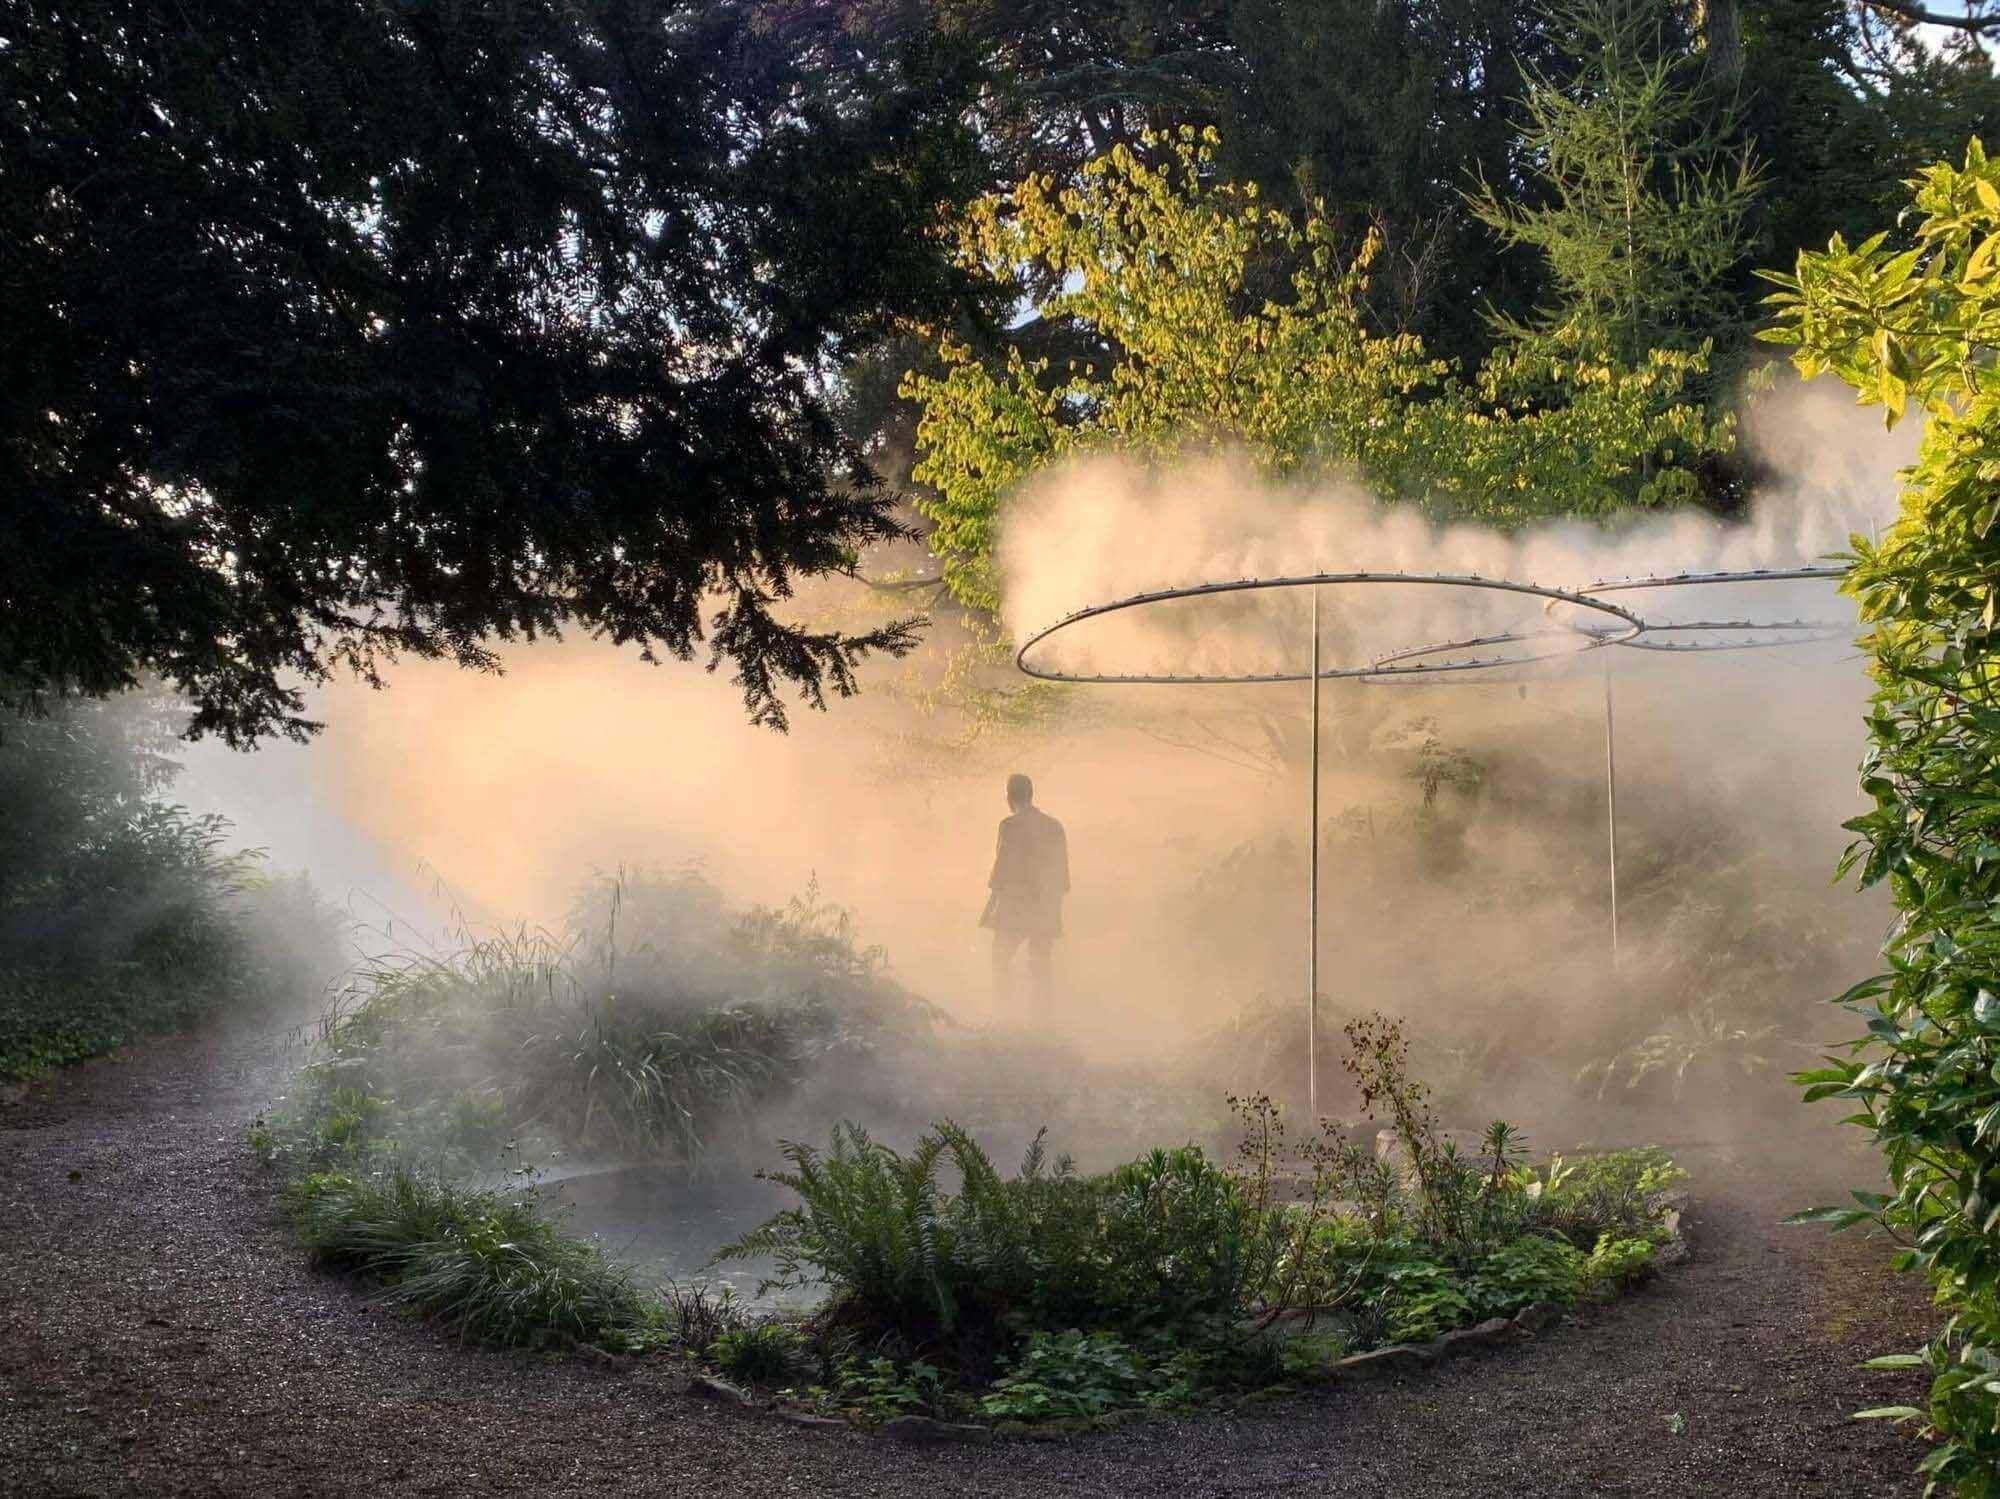 Мистическая инсталляция на Цюрихской биеннале дизайна 2021 года вторглась в старый ботанический сад города